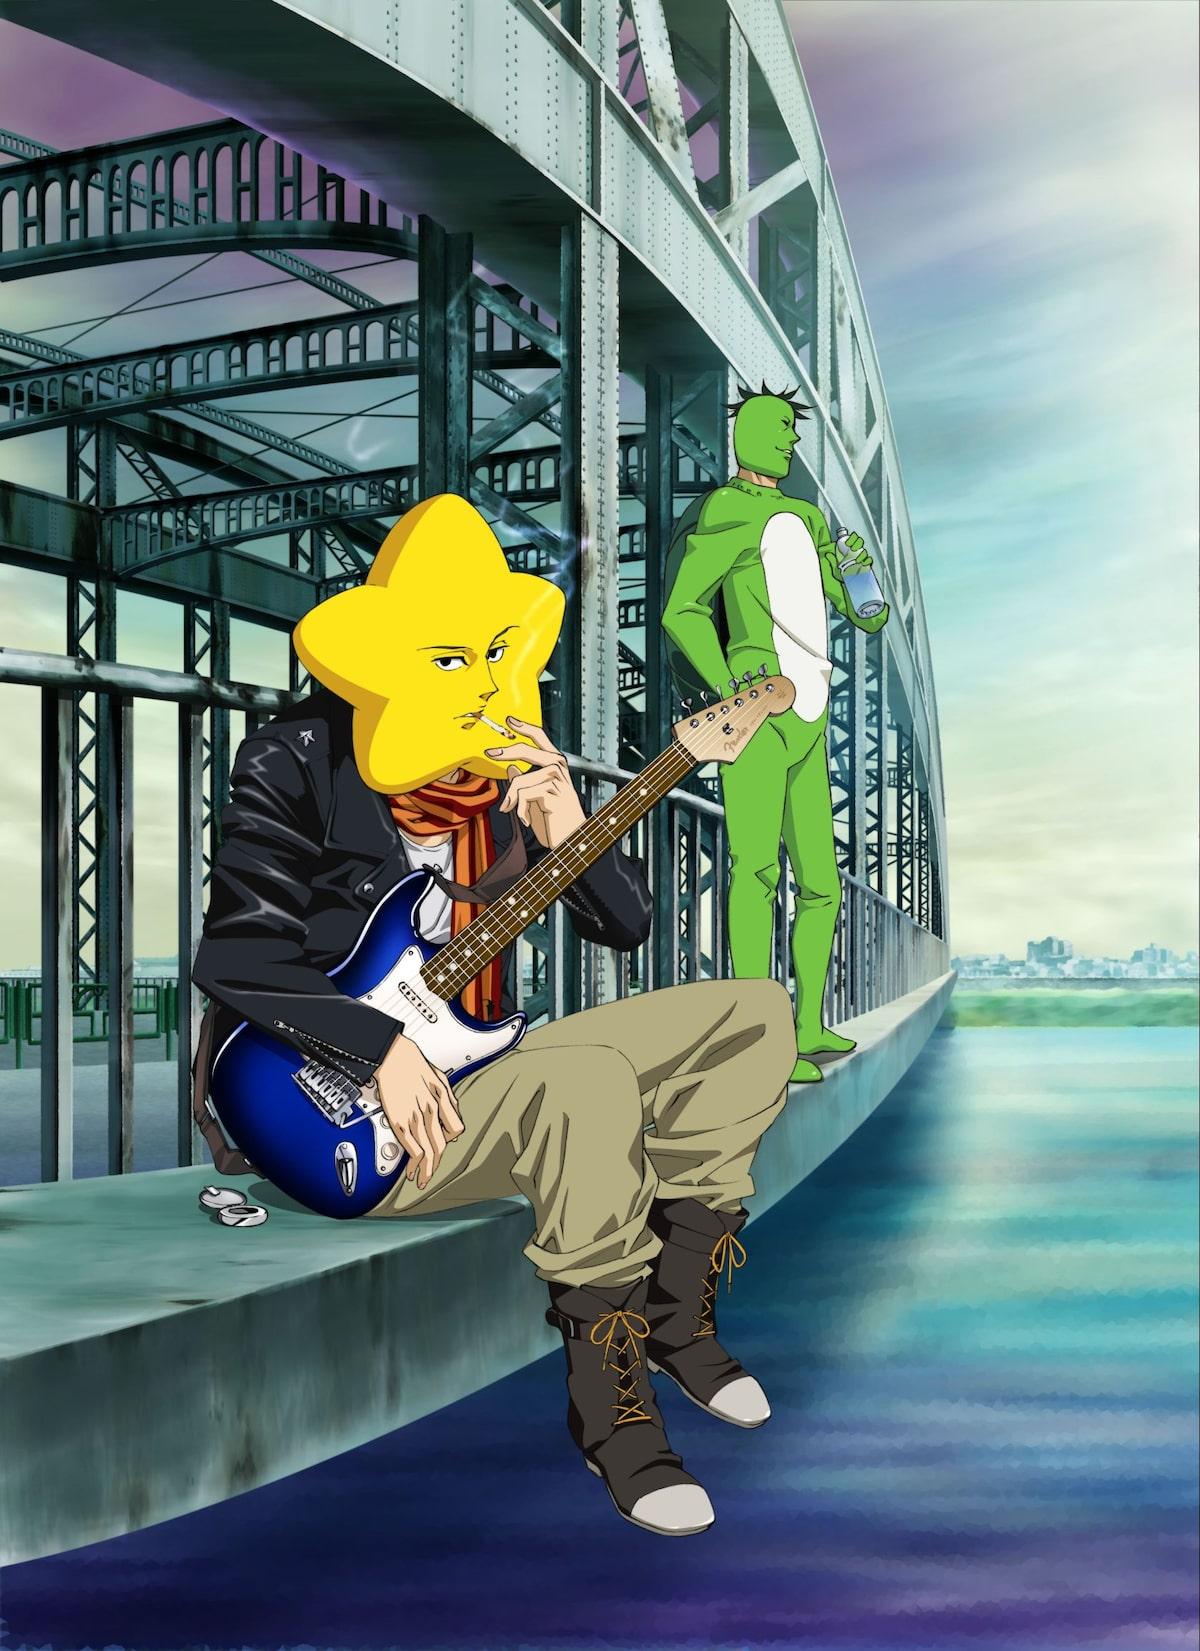 アニメ 荒川アンダー ザ ブリッジ 星と村長が登場 コミックナタリー